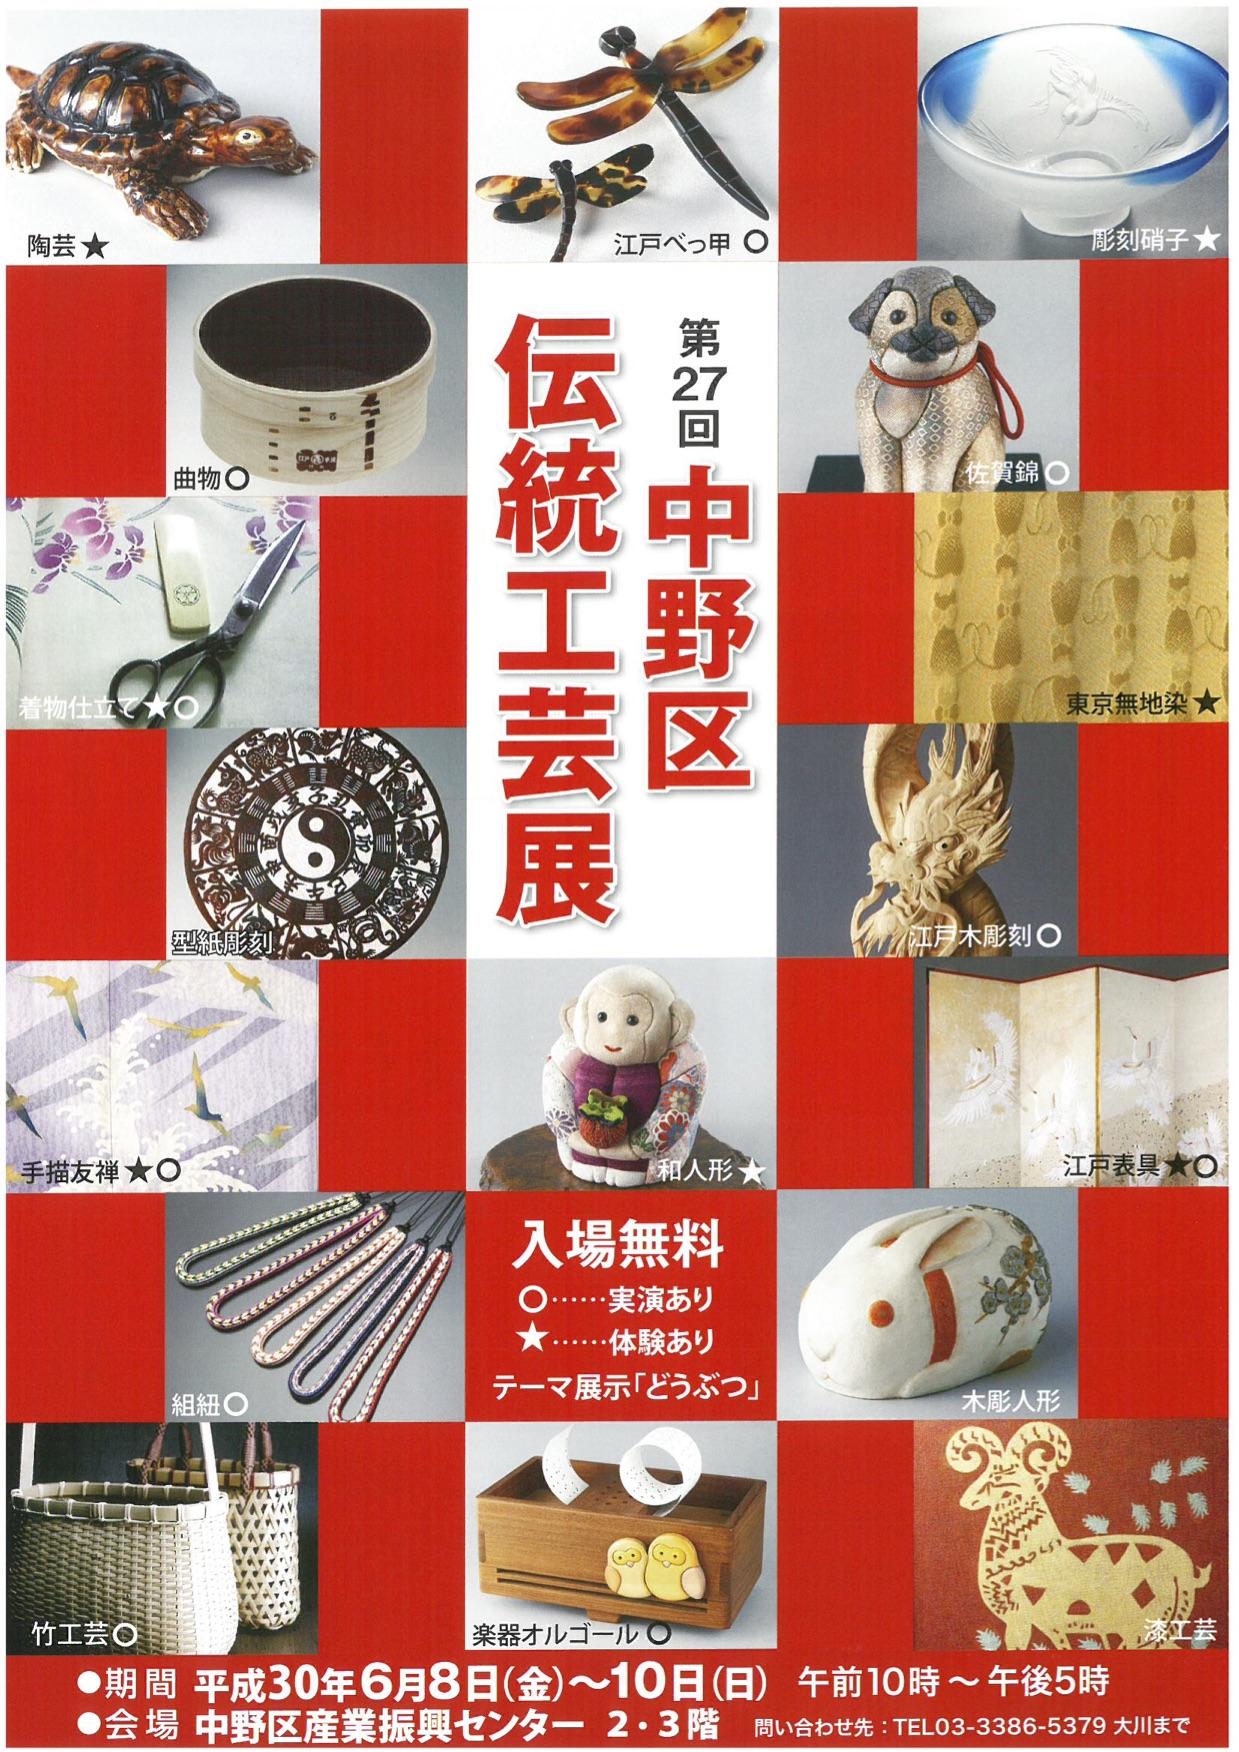 中野区伝統工芸展